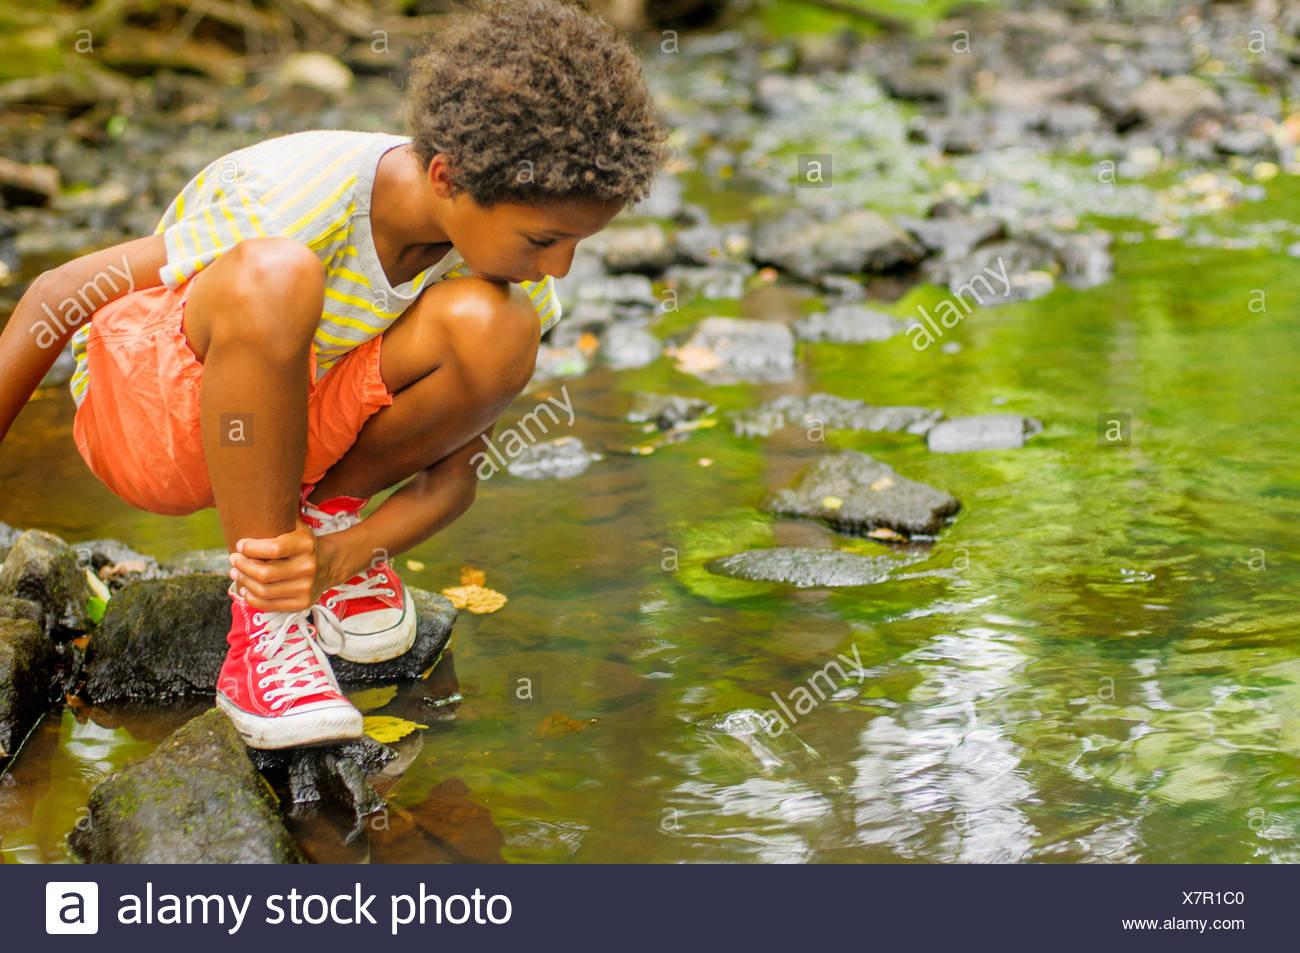 Ragazzo che guarda per pescare nel fiume Immagini Stock